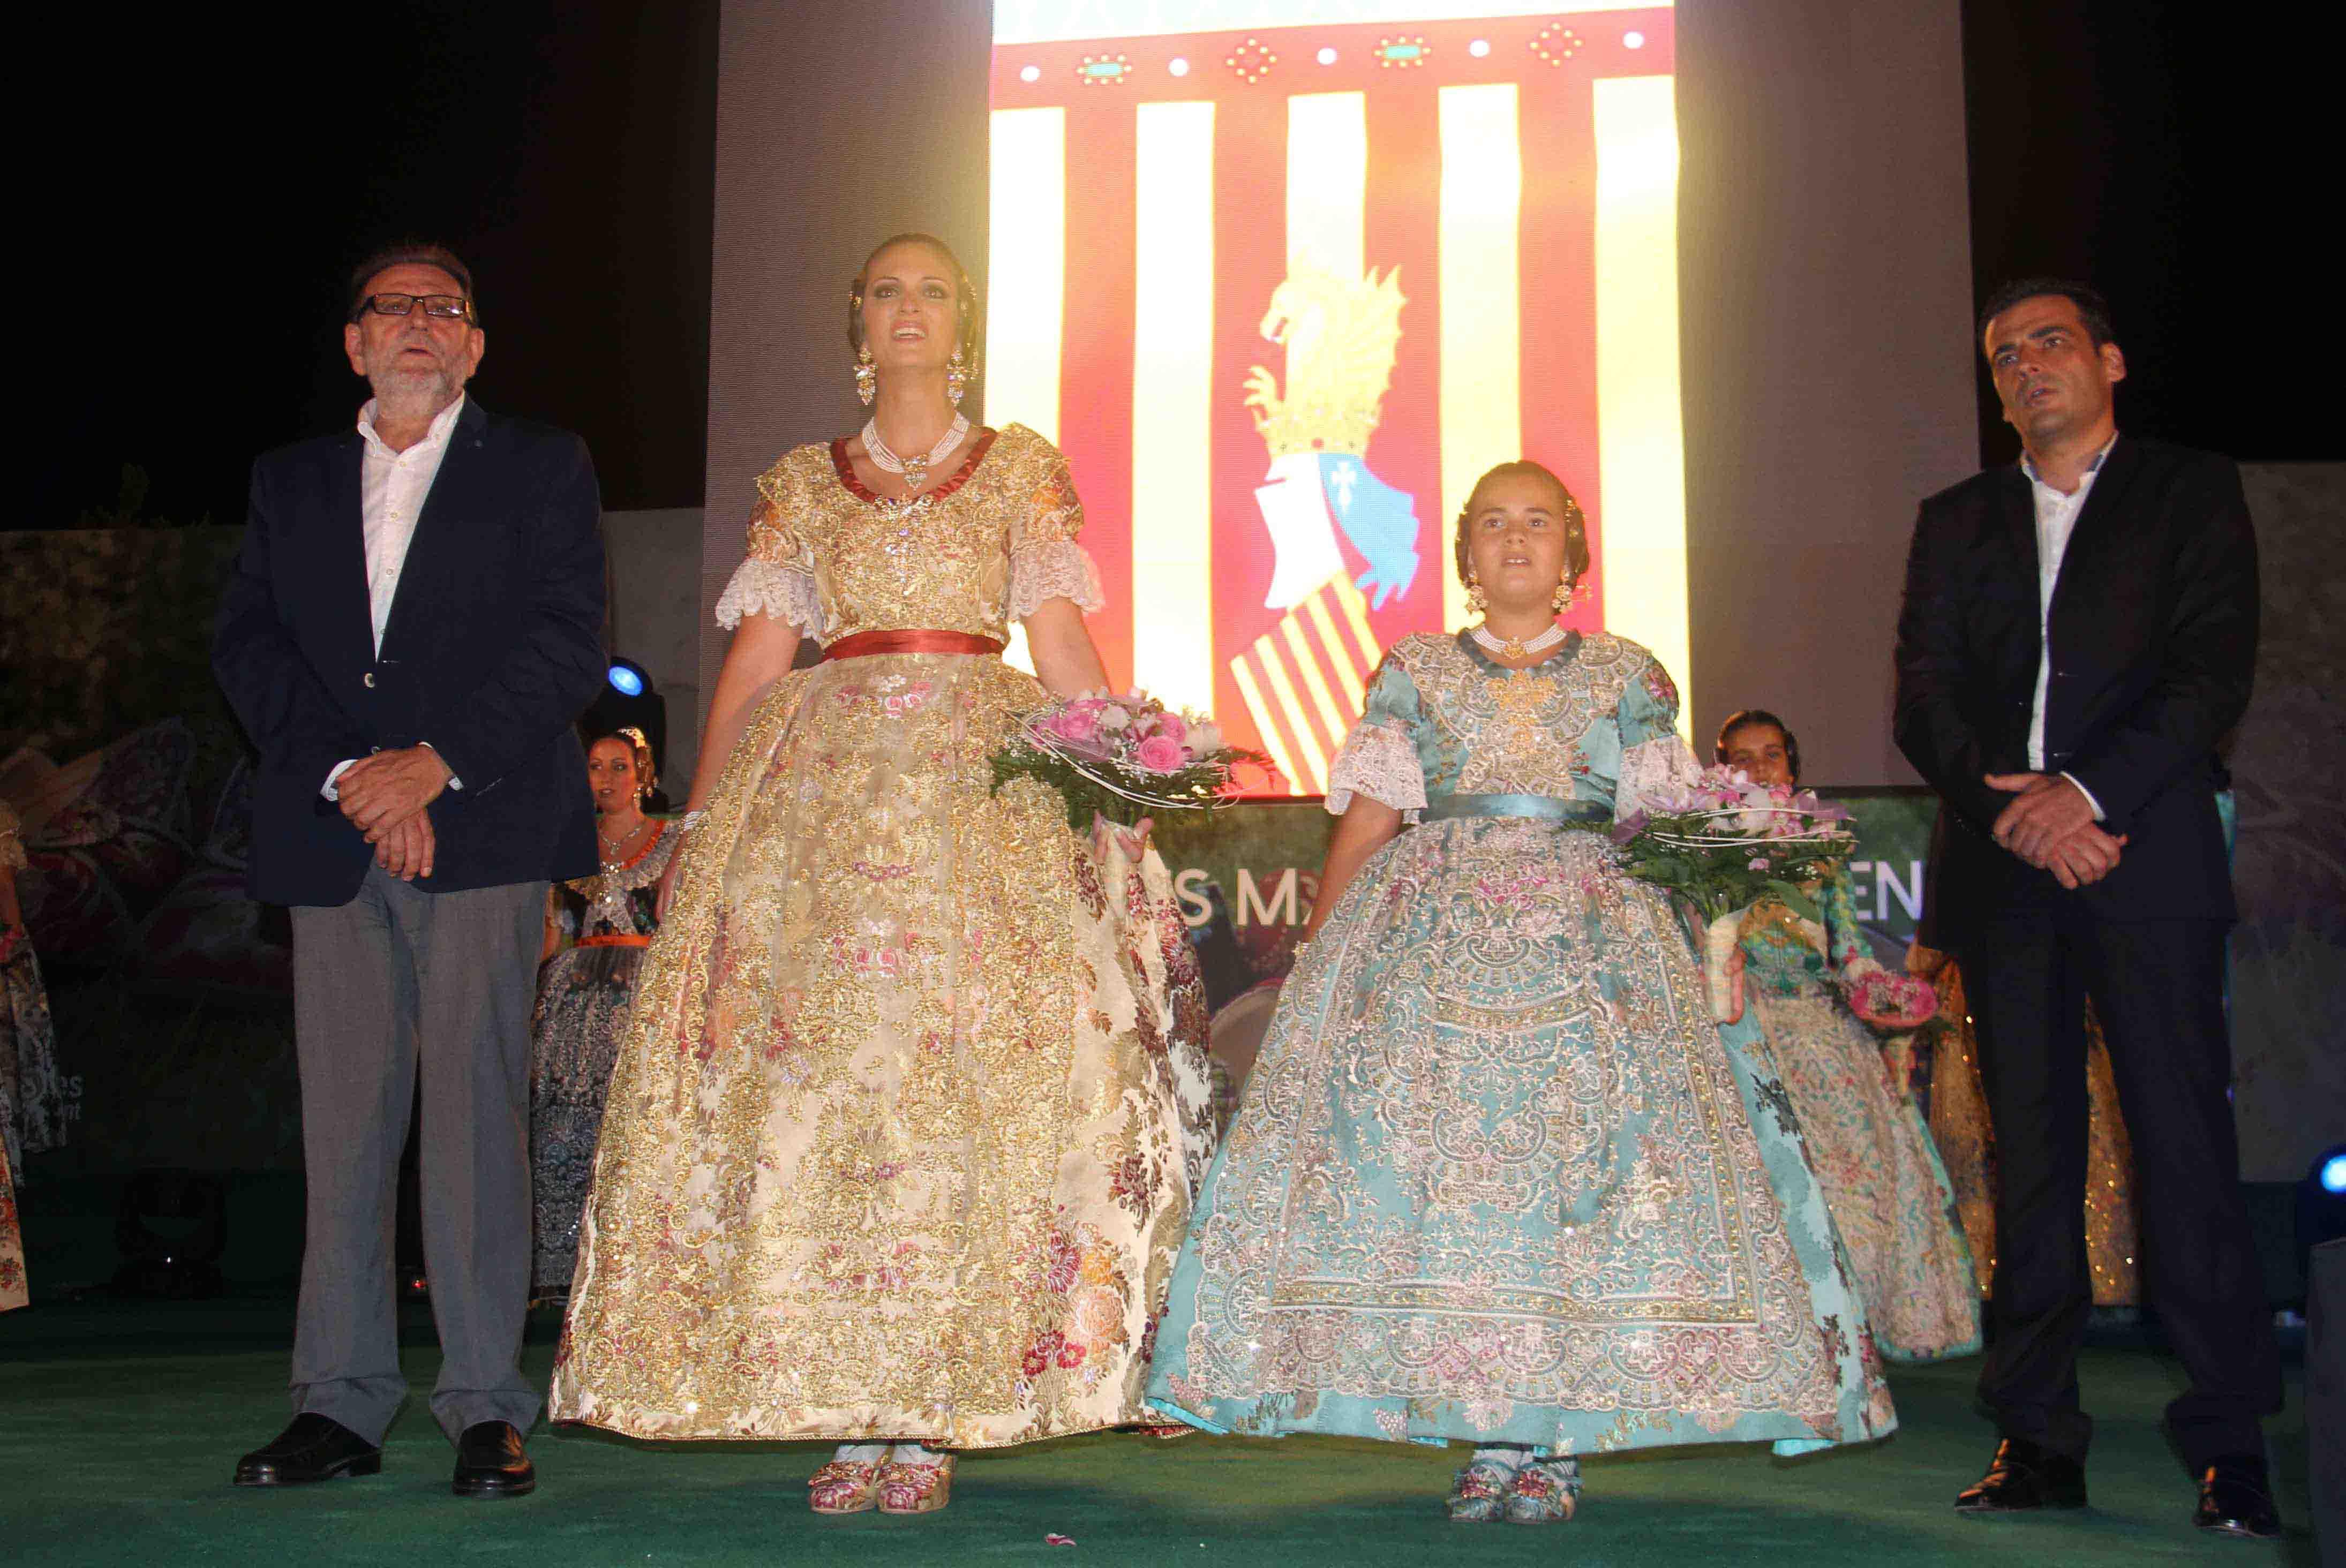 Noelia Peinado y Carla Pallardó, falleras mayores de Torrent para 2016